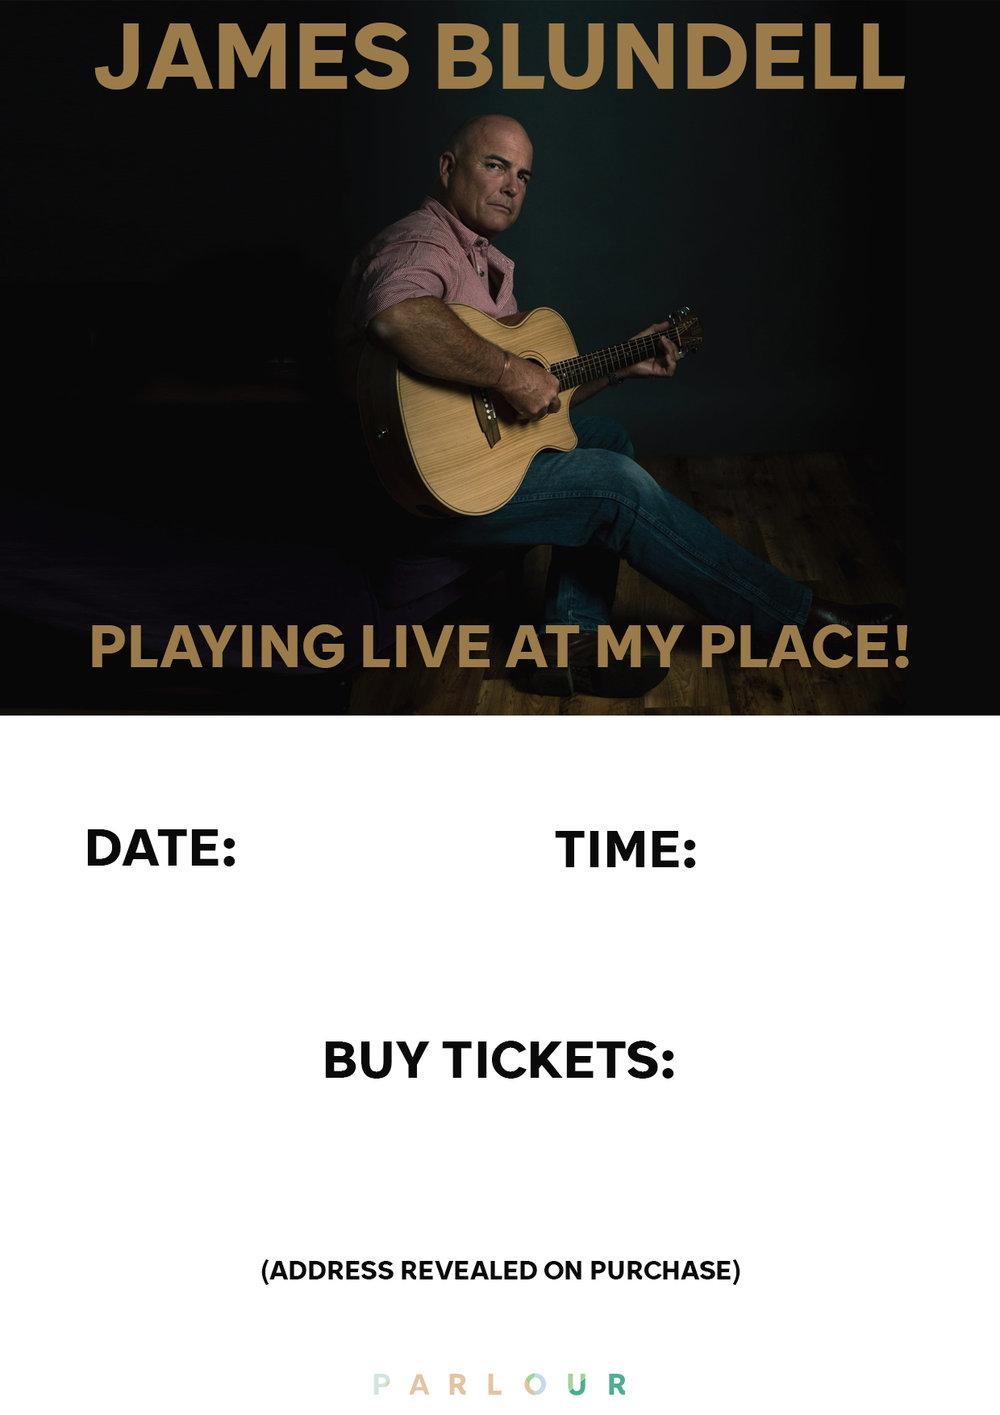 James Blundell Host Poster.jpg